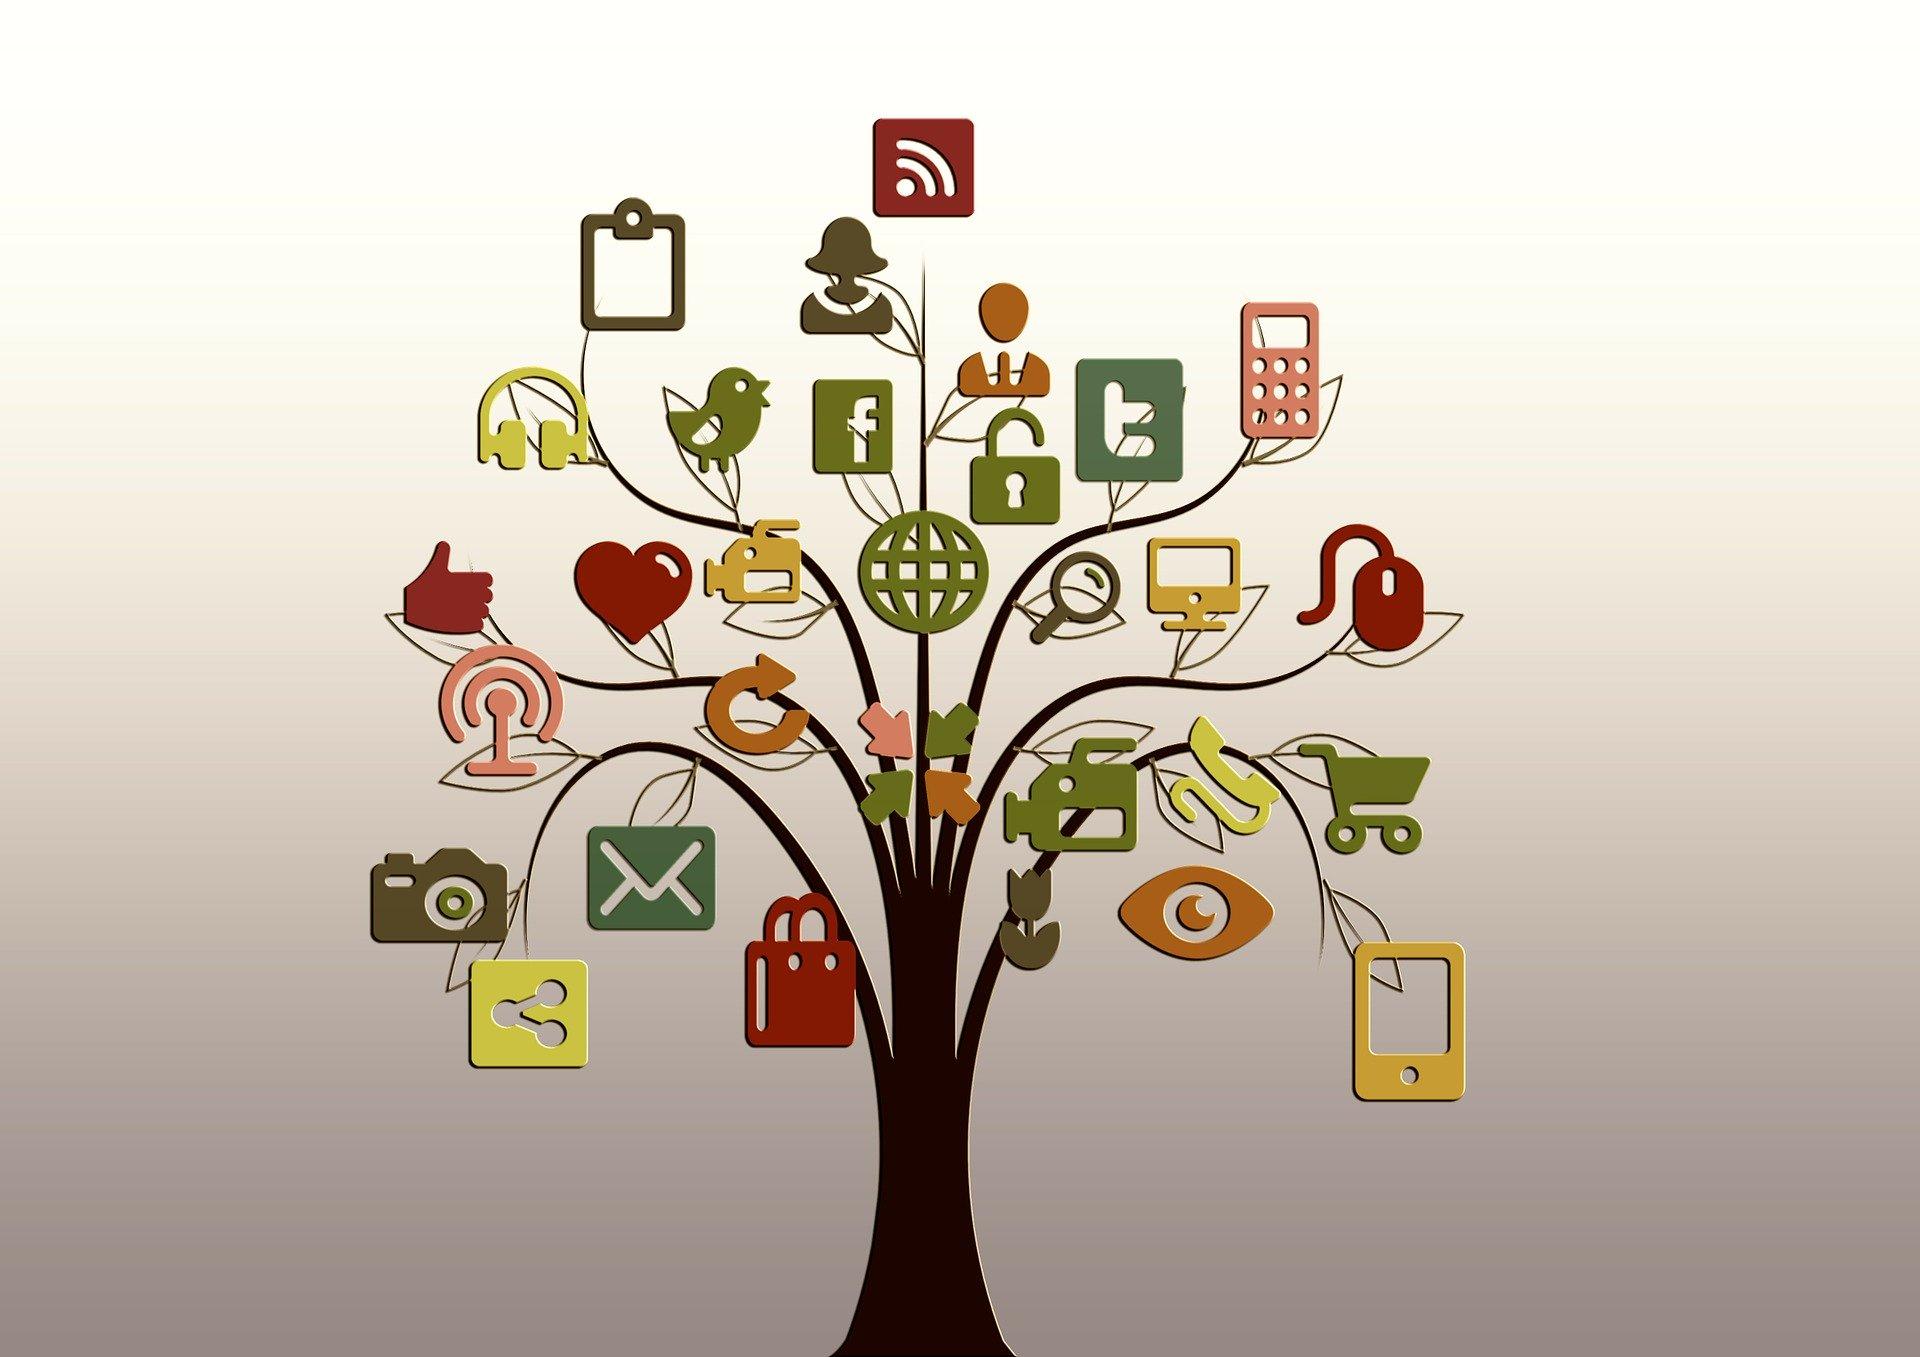 Wi-Fiにも使われるセキュリティWEPとは?5つの特徴や脆弱性について紹介のアイキャッチイメージ